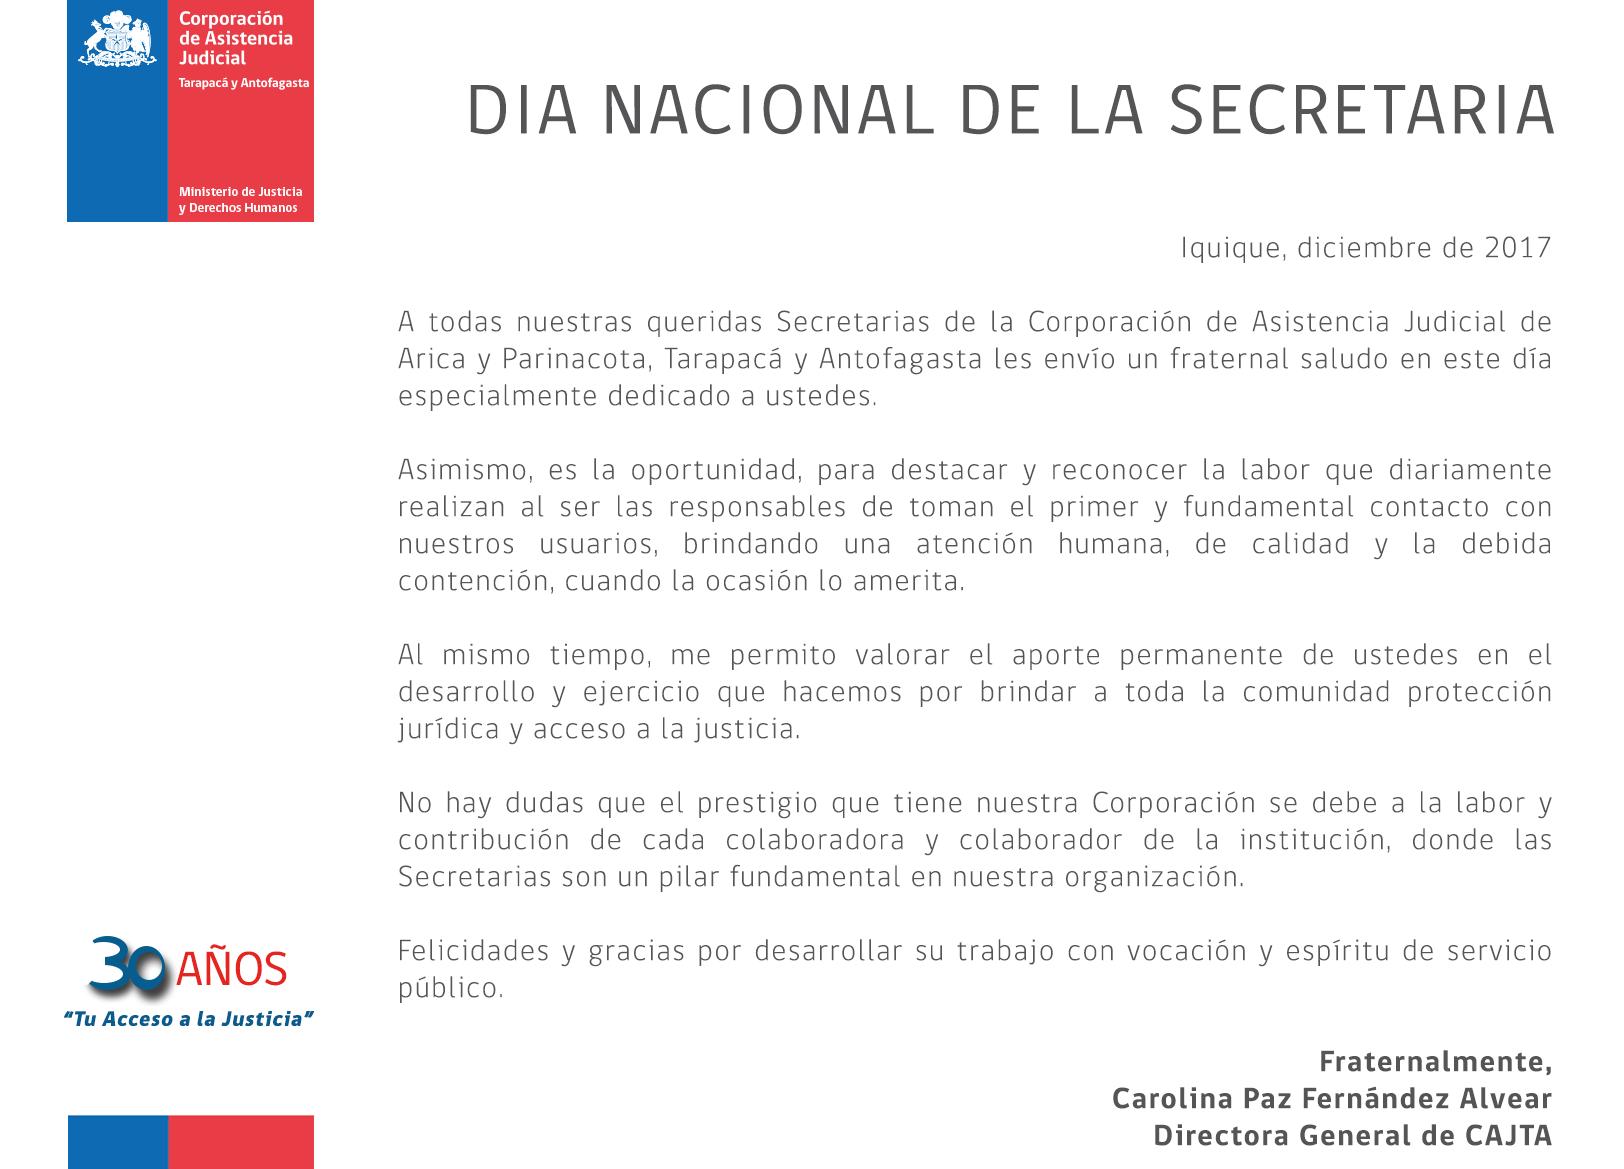 Día Nacional de la Secretaria